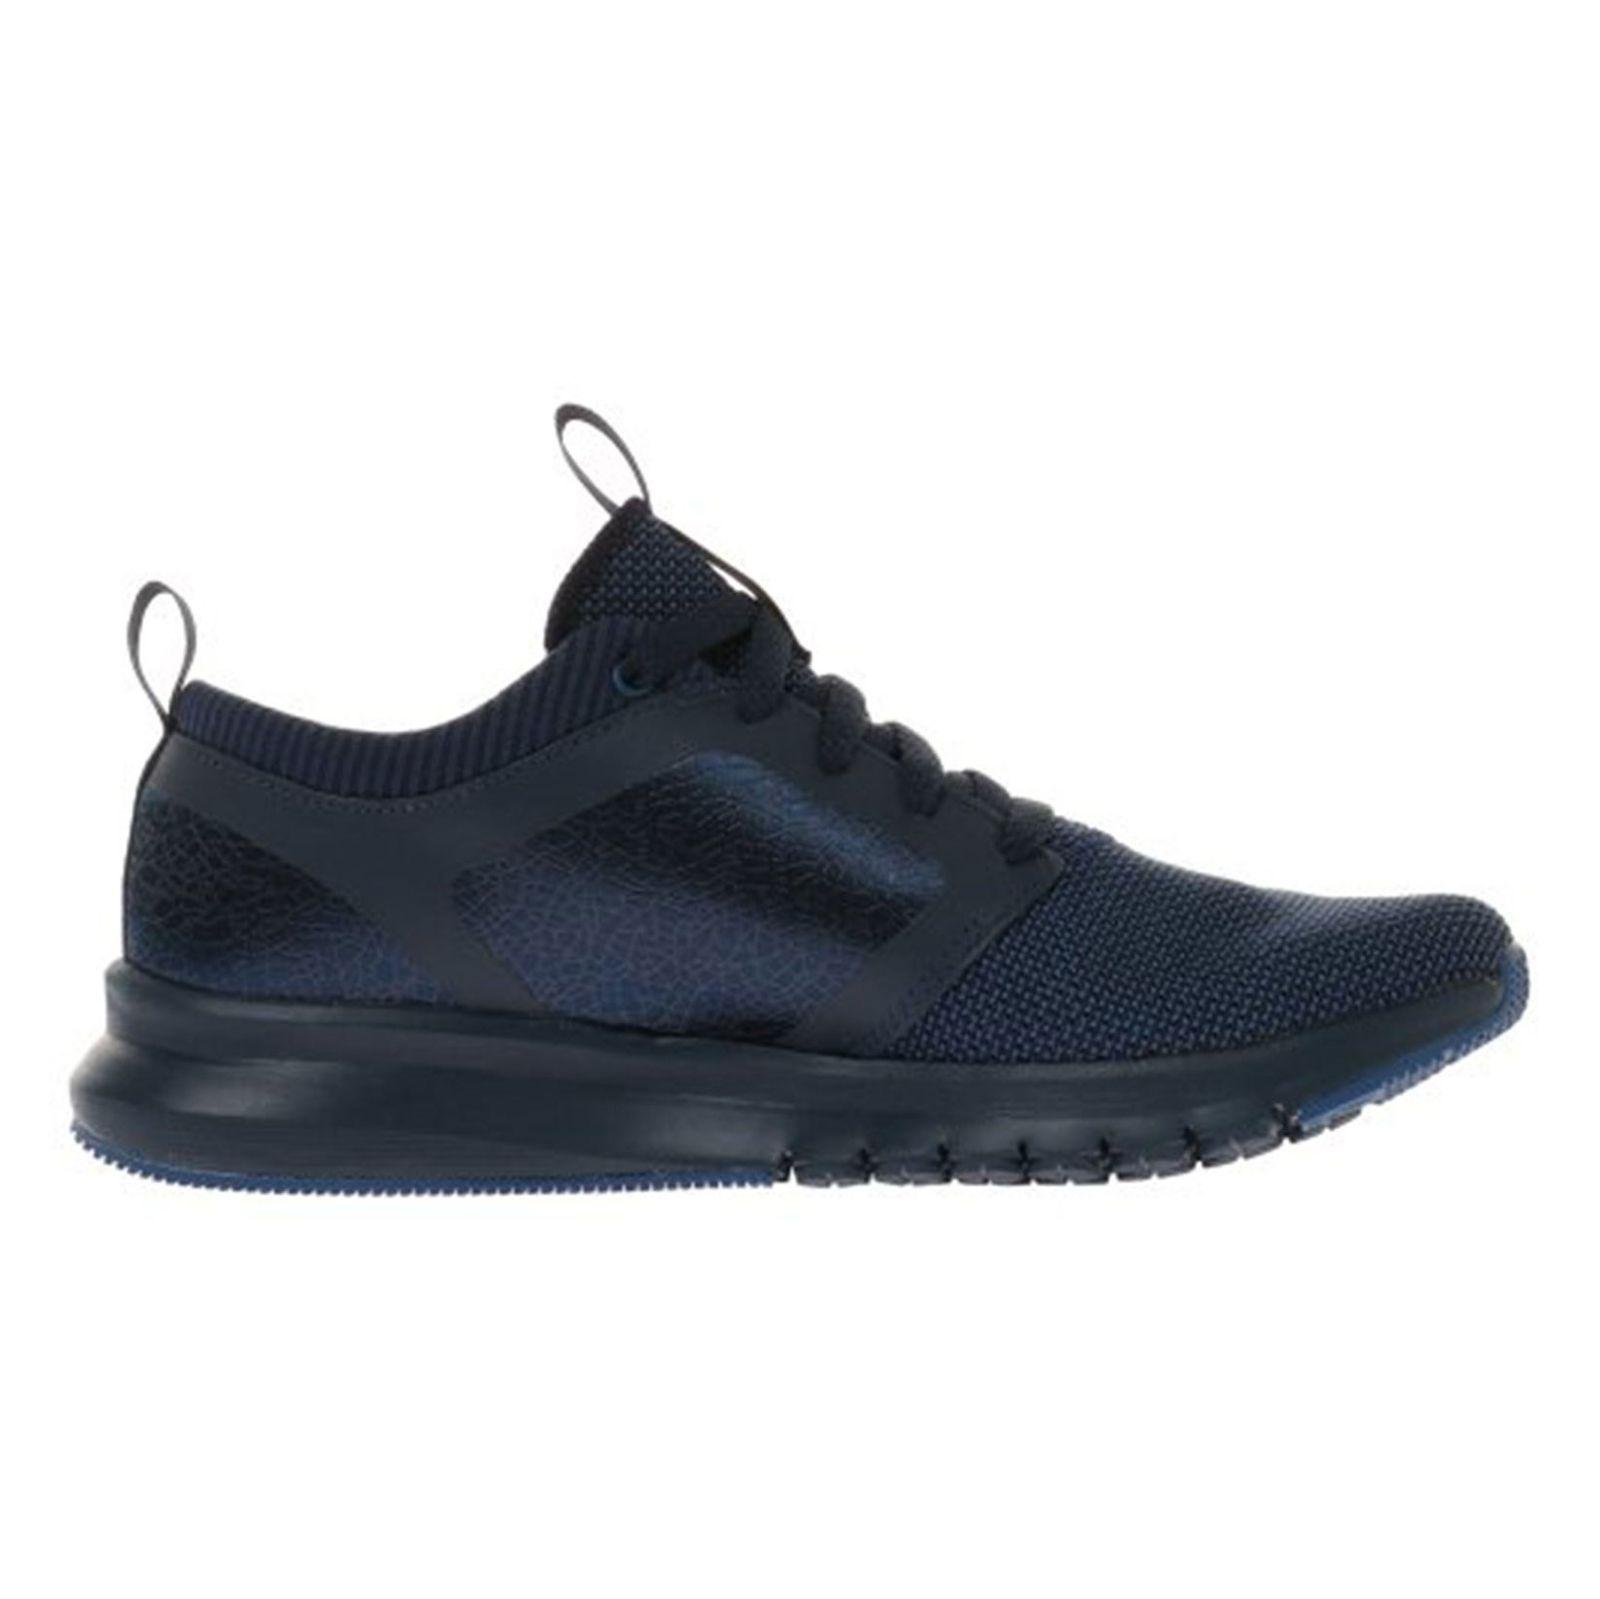 کفش دویدن بندی مردانه Athlux Shatr - ریباک - سرمه ای - 3